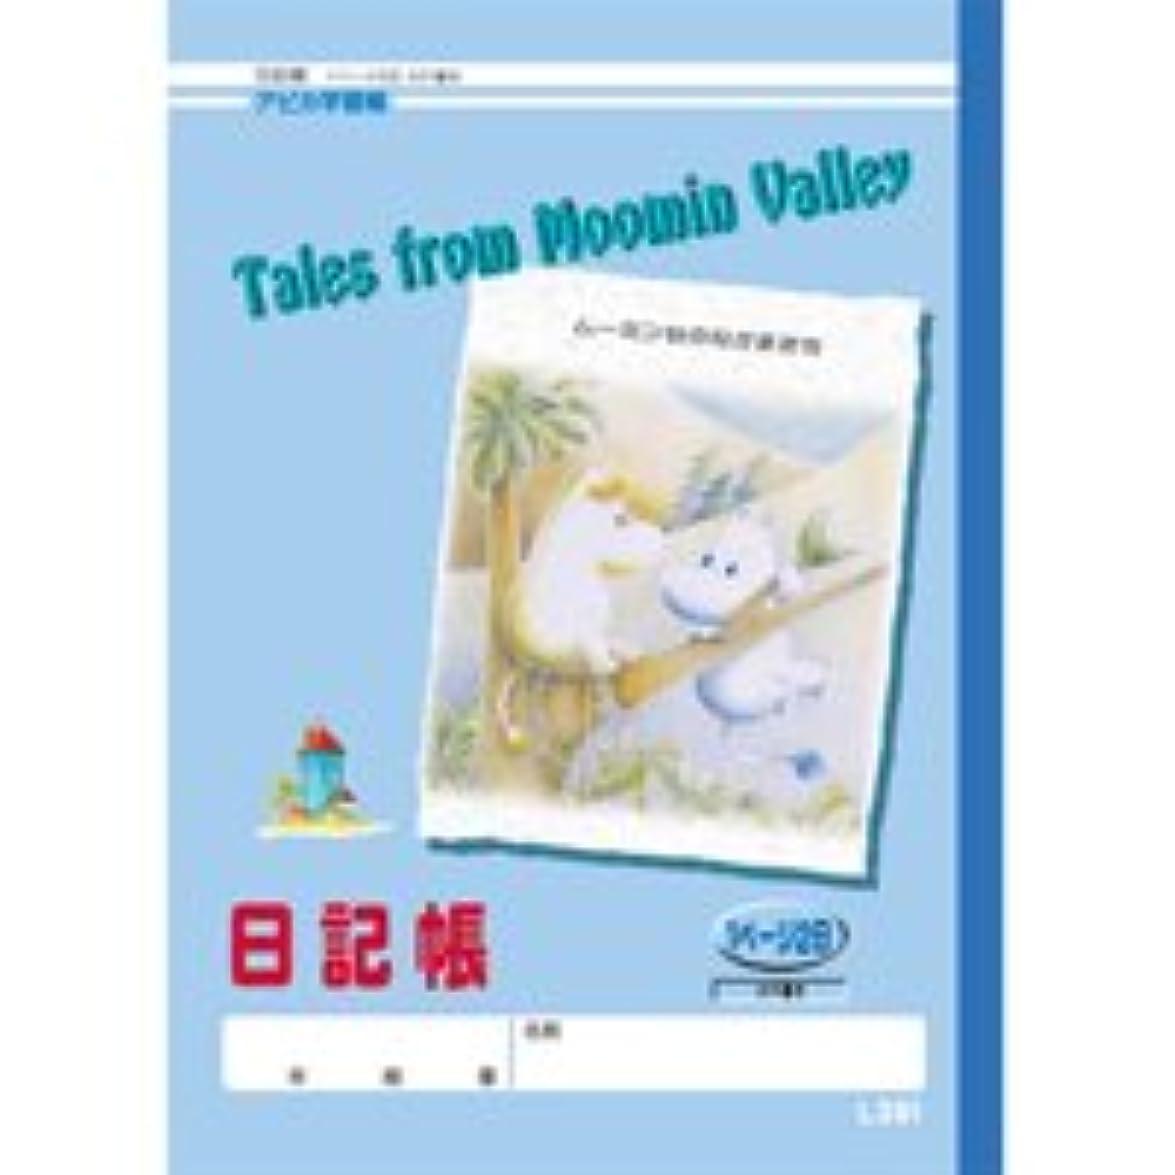 重要強打なめるアピカ 学習帳 日記帳 2日1ページ L391 (MI)